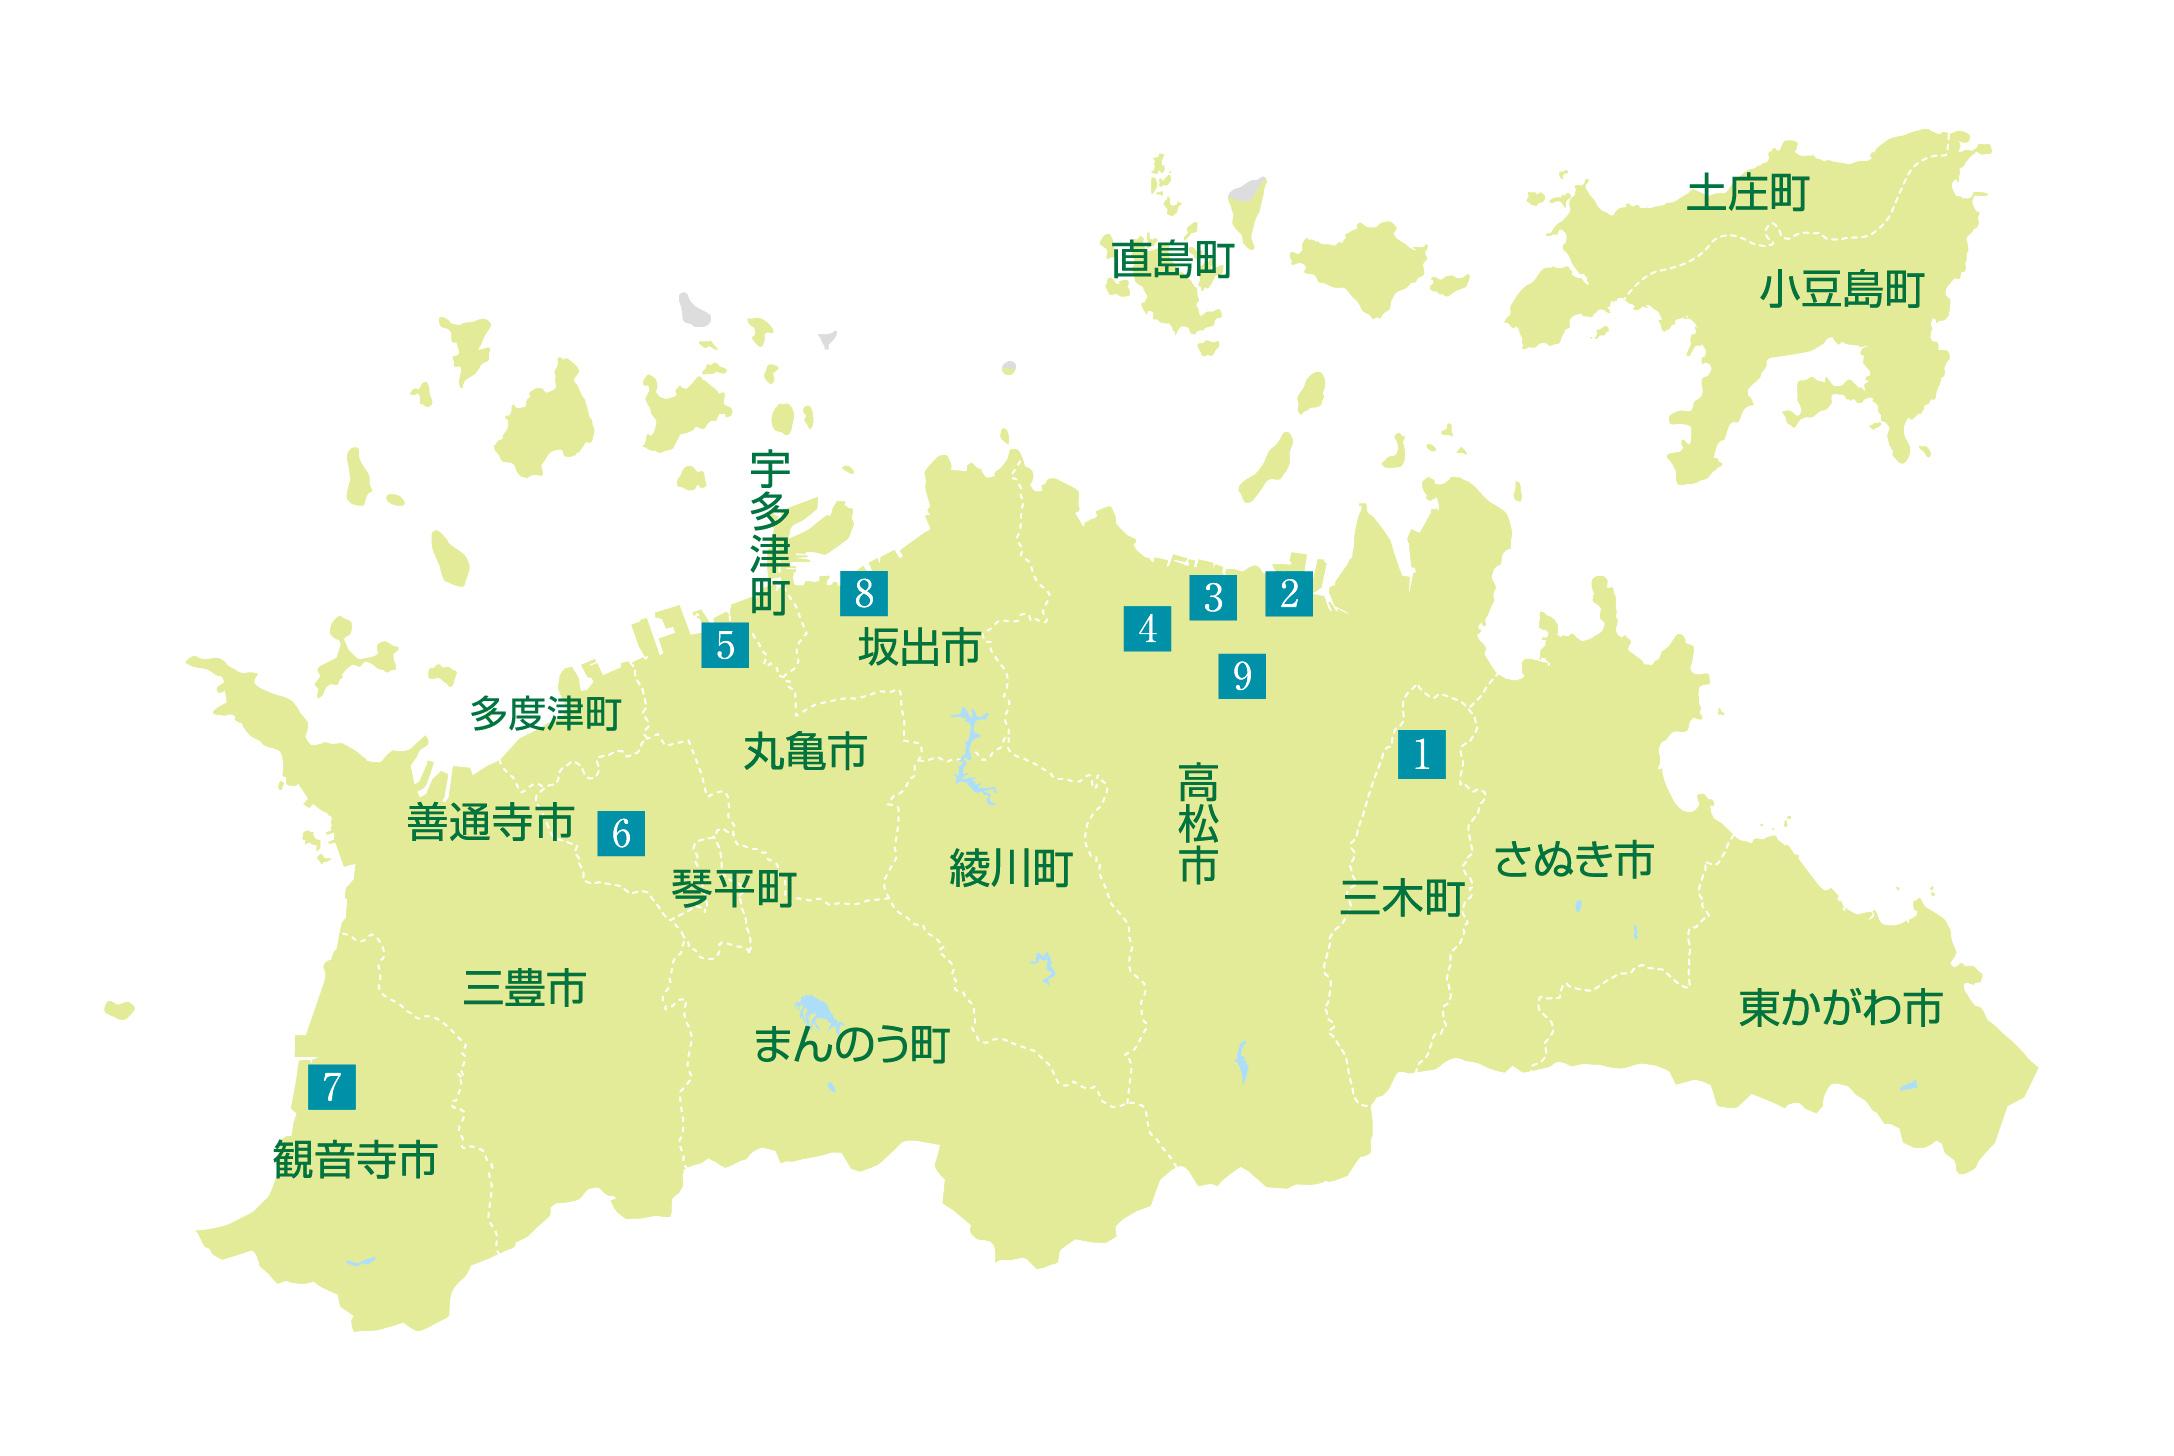 臨床研修病院マップ